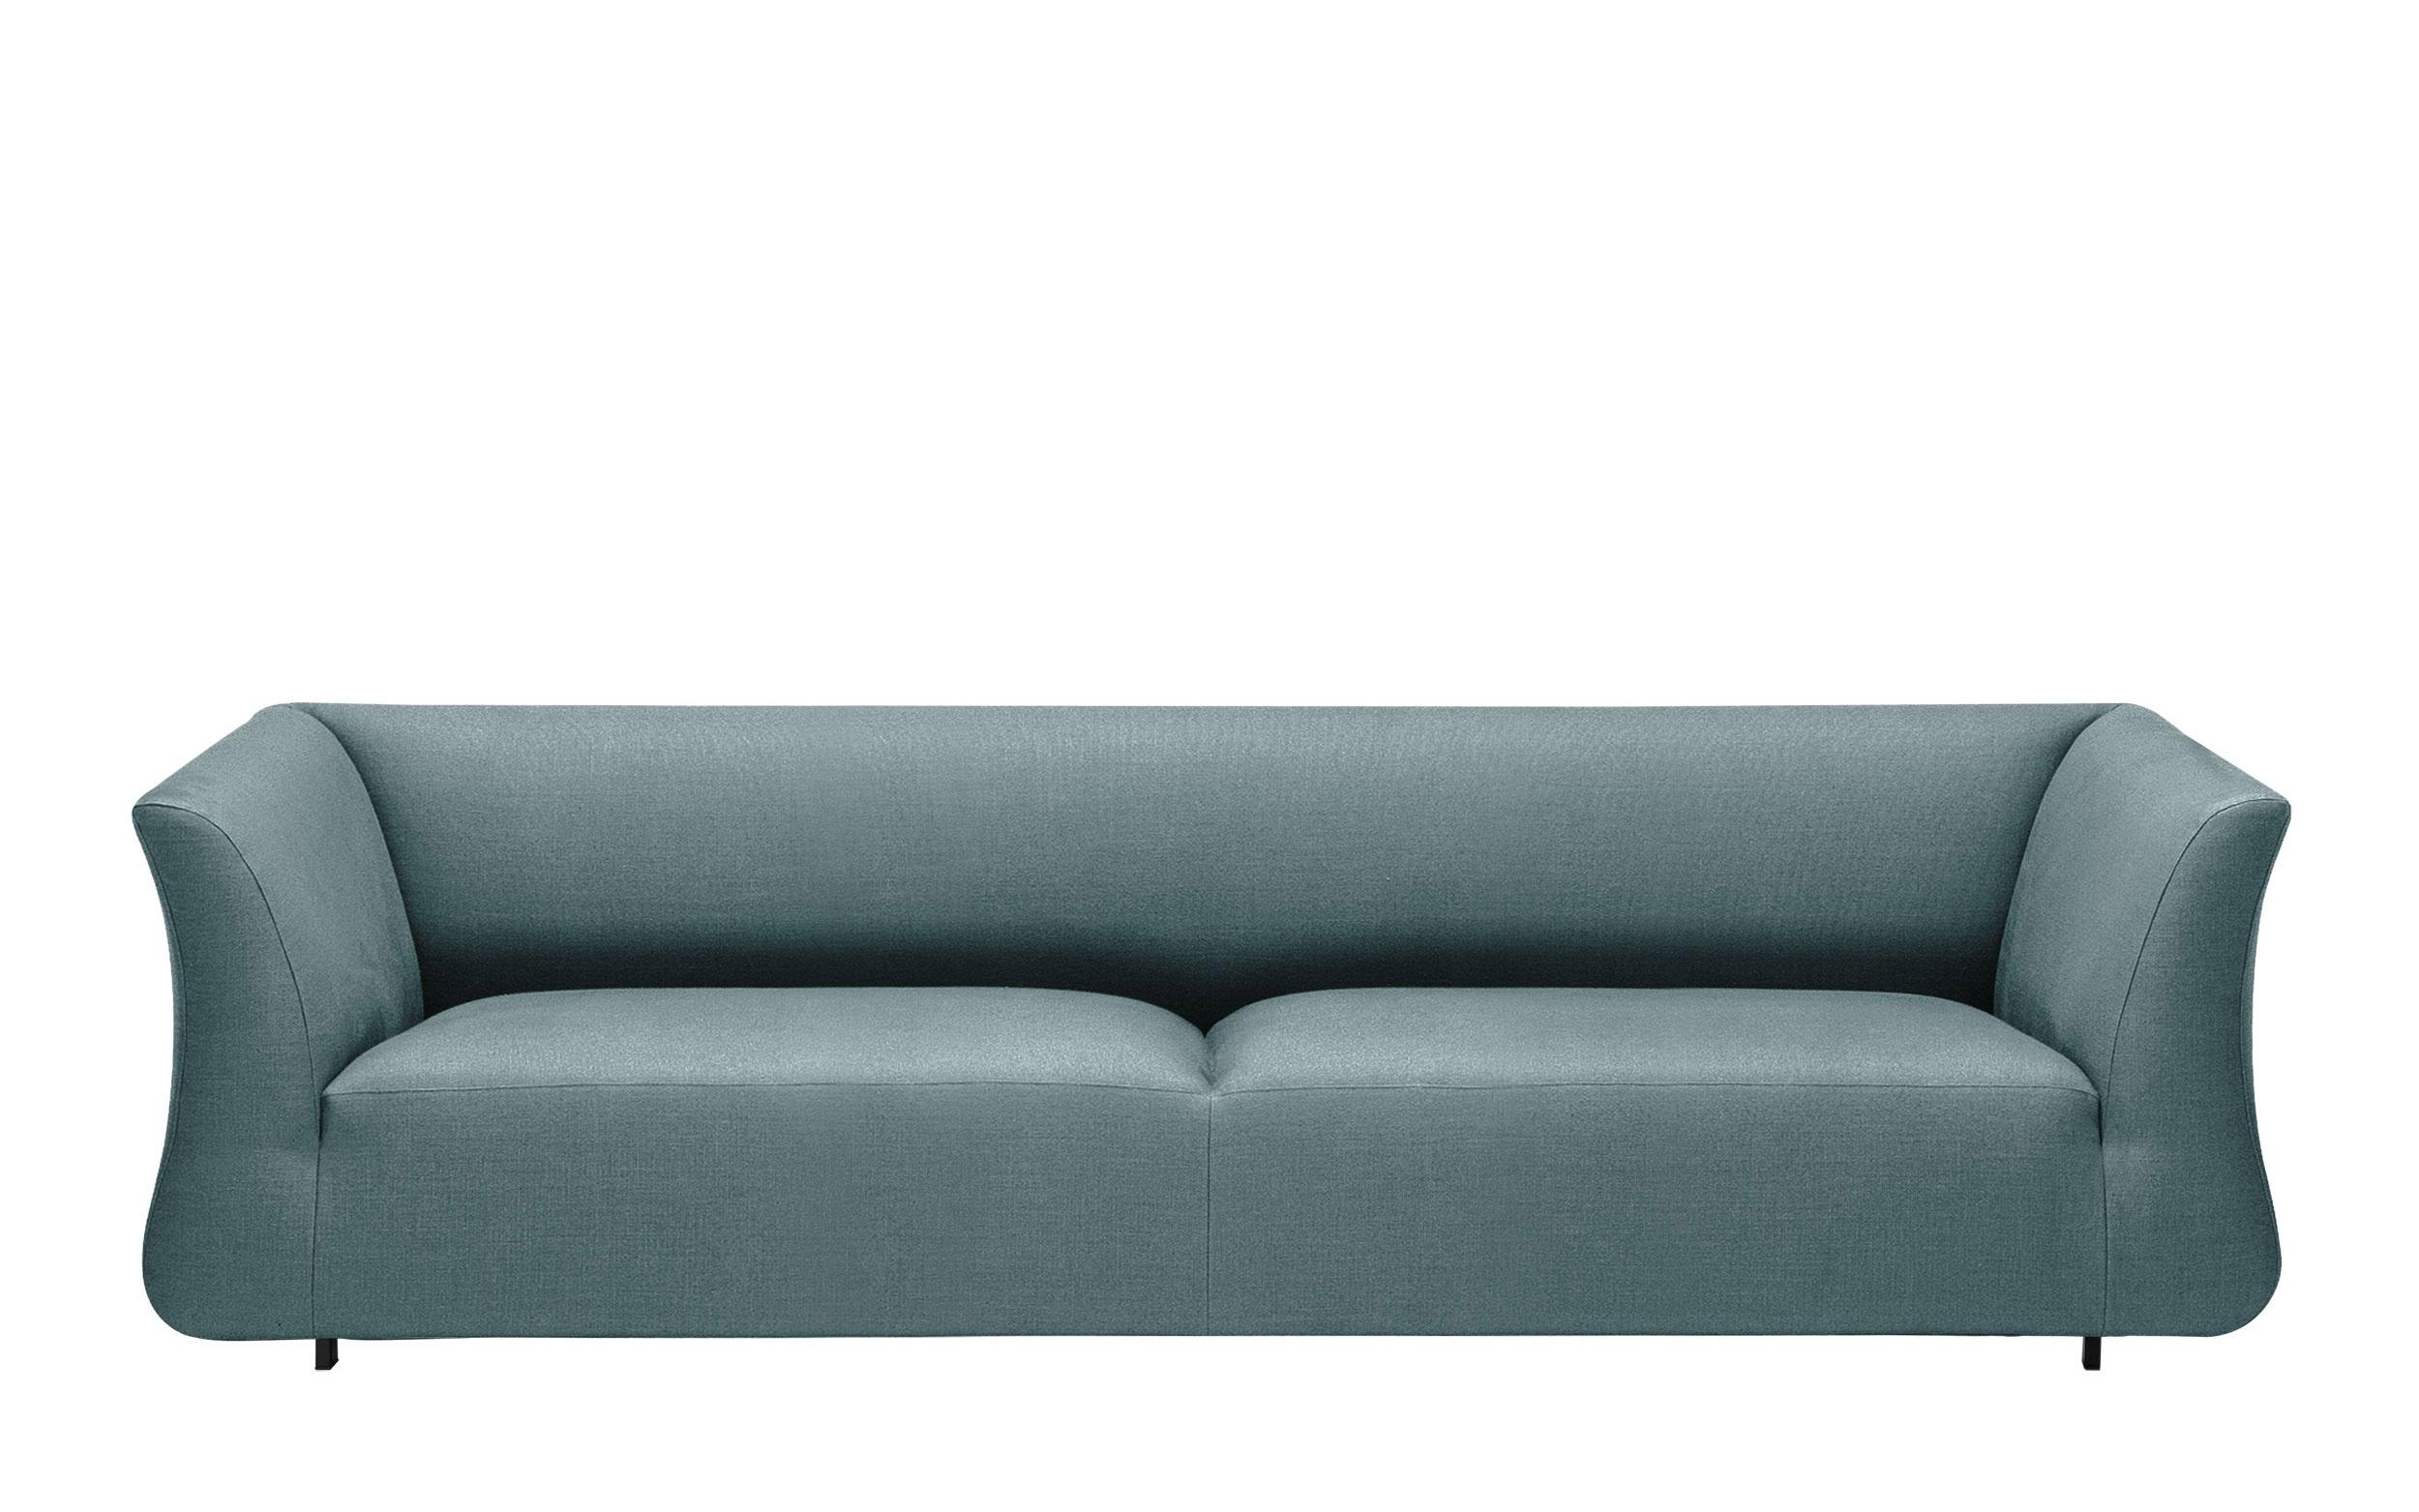 donna collection by hans hopfer for neue wiener werkst tte sohomod blog. Black Bedroom Furniture Sets. Home Design Ideas